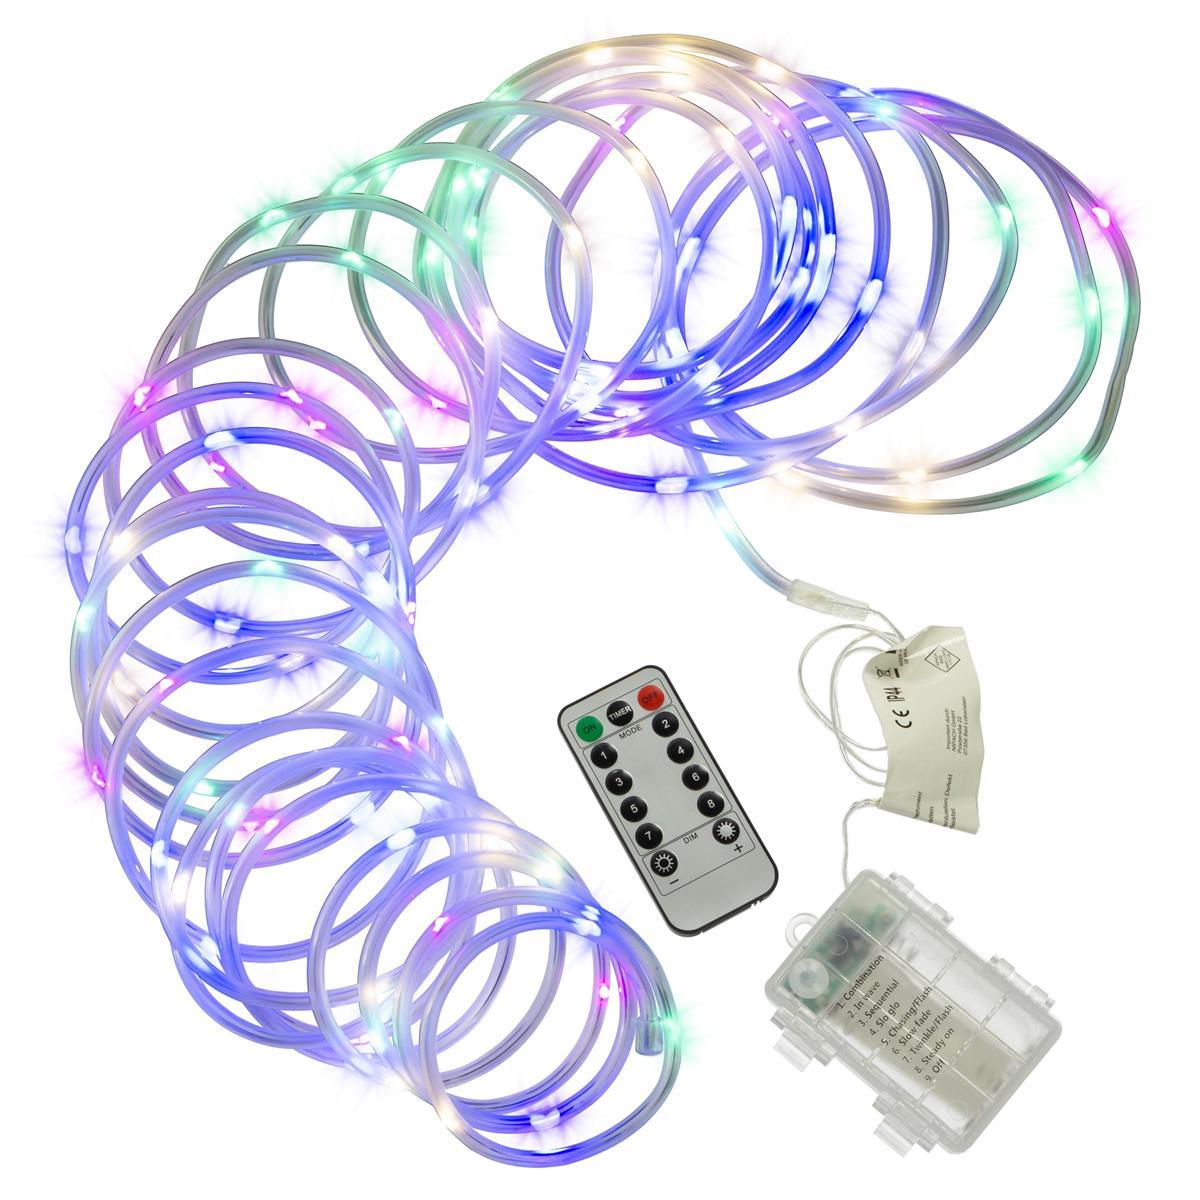 10m Mini-Lichterschlauch 100 LED bunt gefrostet 8 Funktionen Timer außen dimmbar